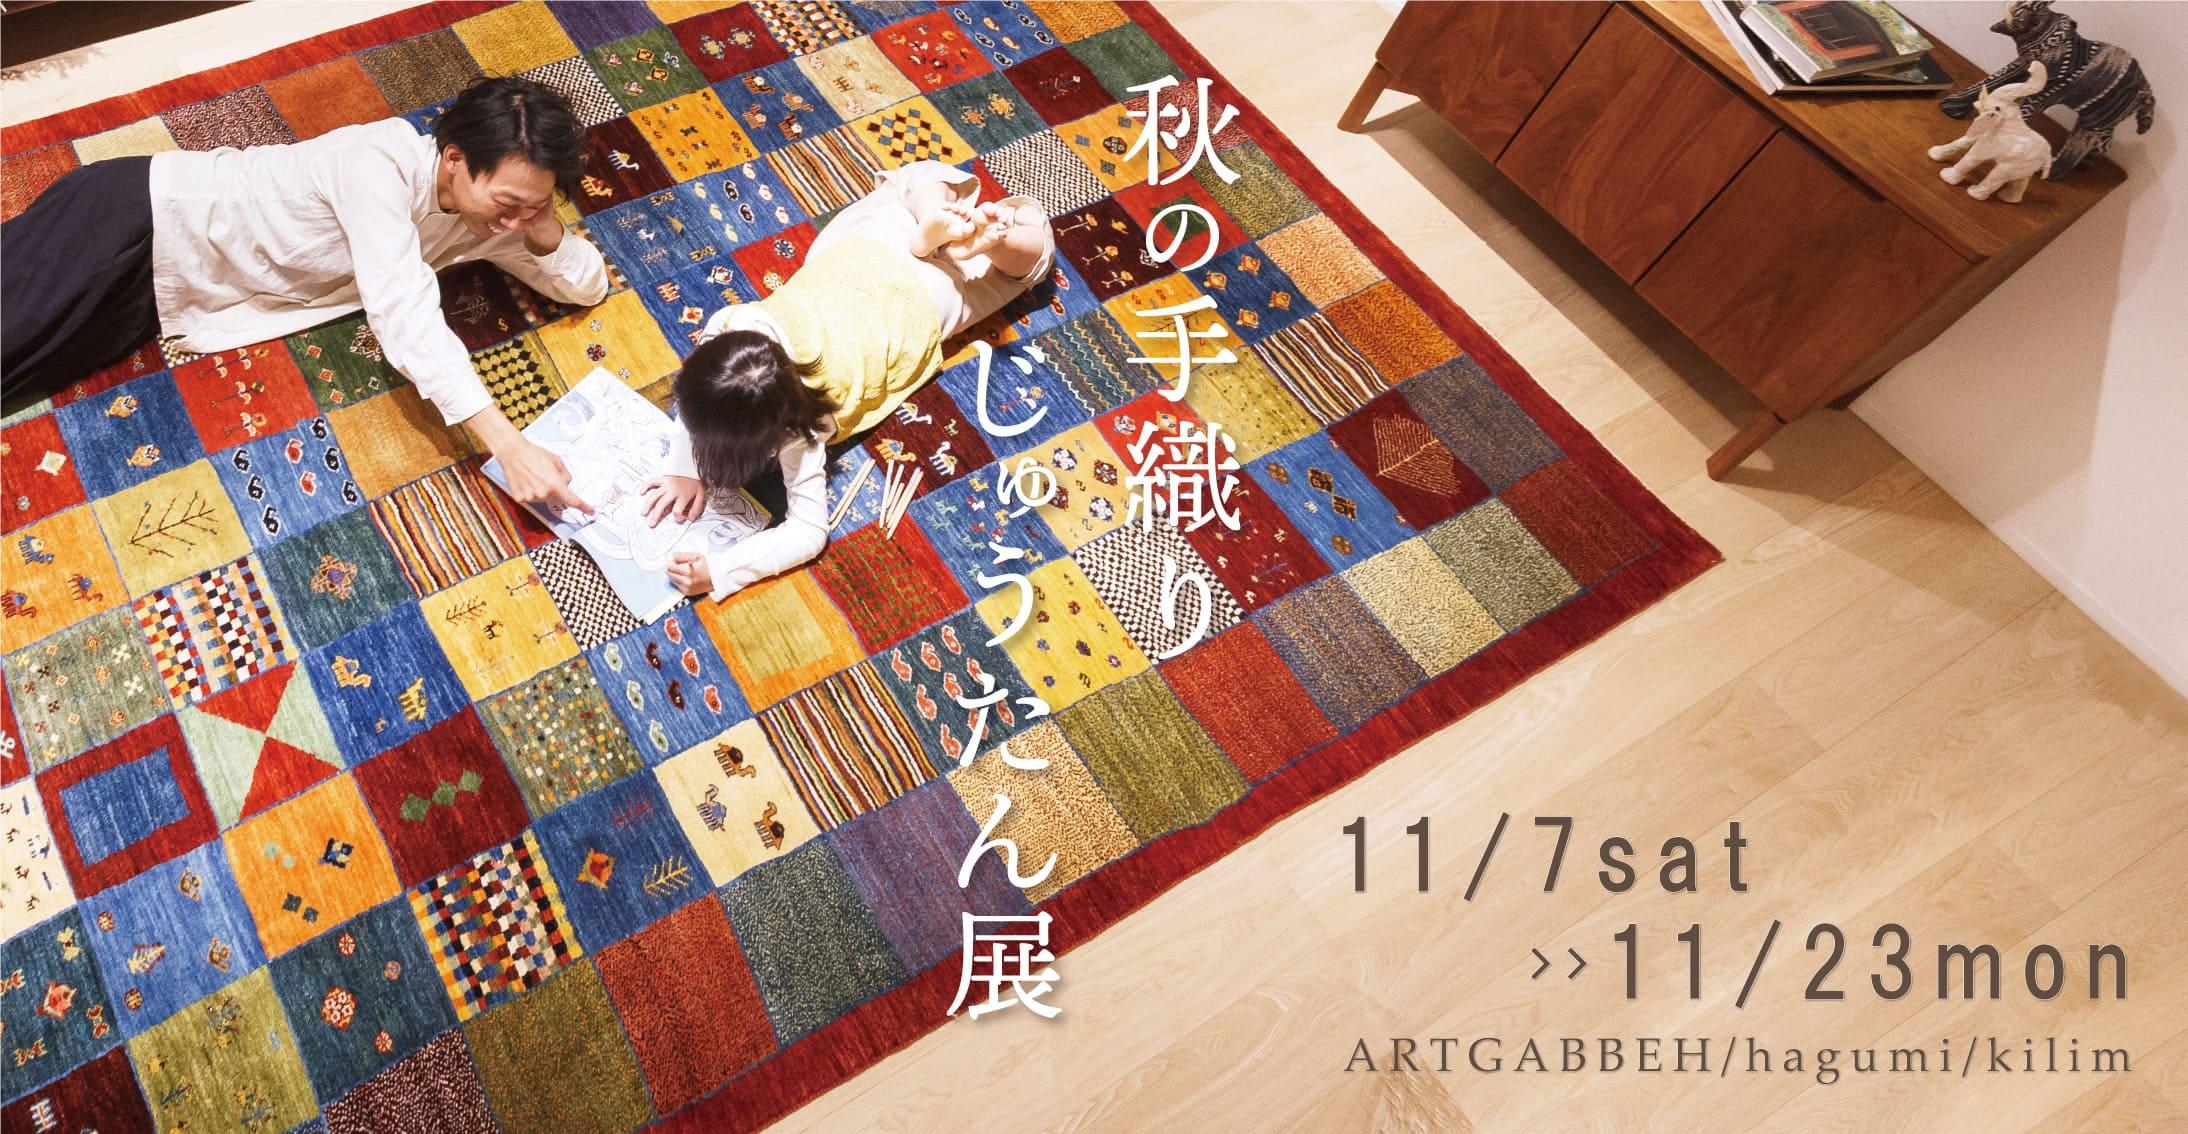 秋の手織りじゅうたん展開催のお知らせ